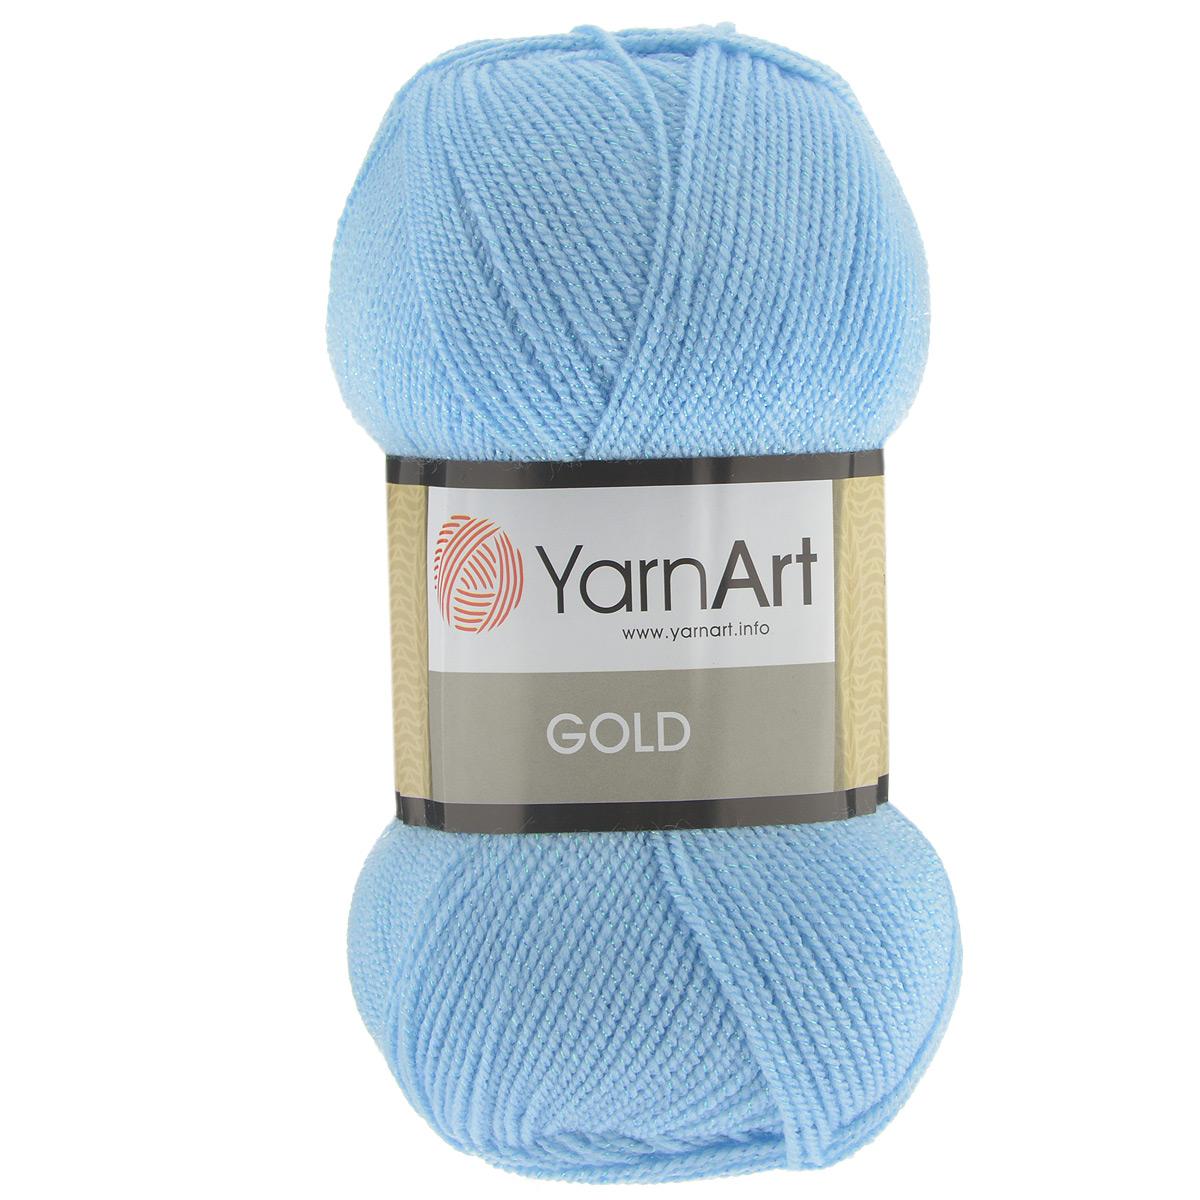 Пряжа для вязания YarnArt Gold, цвет: голубое небо (9355), 400 м, 100 г, 5 шт372007_9355Мерцающая нитка с люрексом для вязания YarnArt Gold равномерно окрашена с помощью стойких высококачественных красителей, нить плотно скручена, люрекс не выбивается в процессе вязания, петли ложатся равномерно. YarnArt Gold - декоративная пряжа с широкой цветовой палитрой, предназначенная для демисезонной одежды. Акрил защищает готовое изделие от деформации после стирки и сушки. Нить гибкая и эластичная, хорошо тянется, превосходно сохраняет форму после носки. Изысканная пряжа для создания вечерних нарядов выглядит дорого и стильно. Рекомендуется для вязания на спицах 2,75 мм и крючках 3,25 мм. Состав: 92% акрил, 8% метанит.